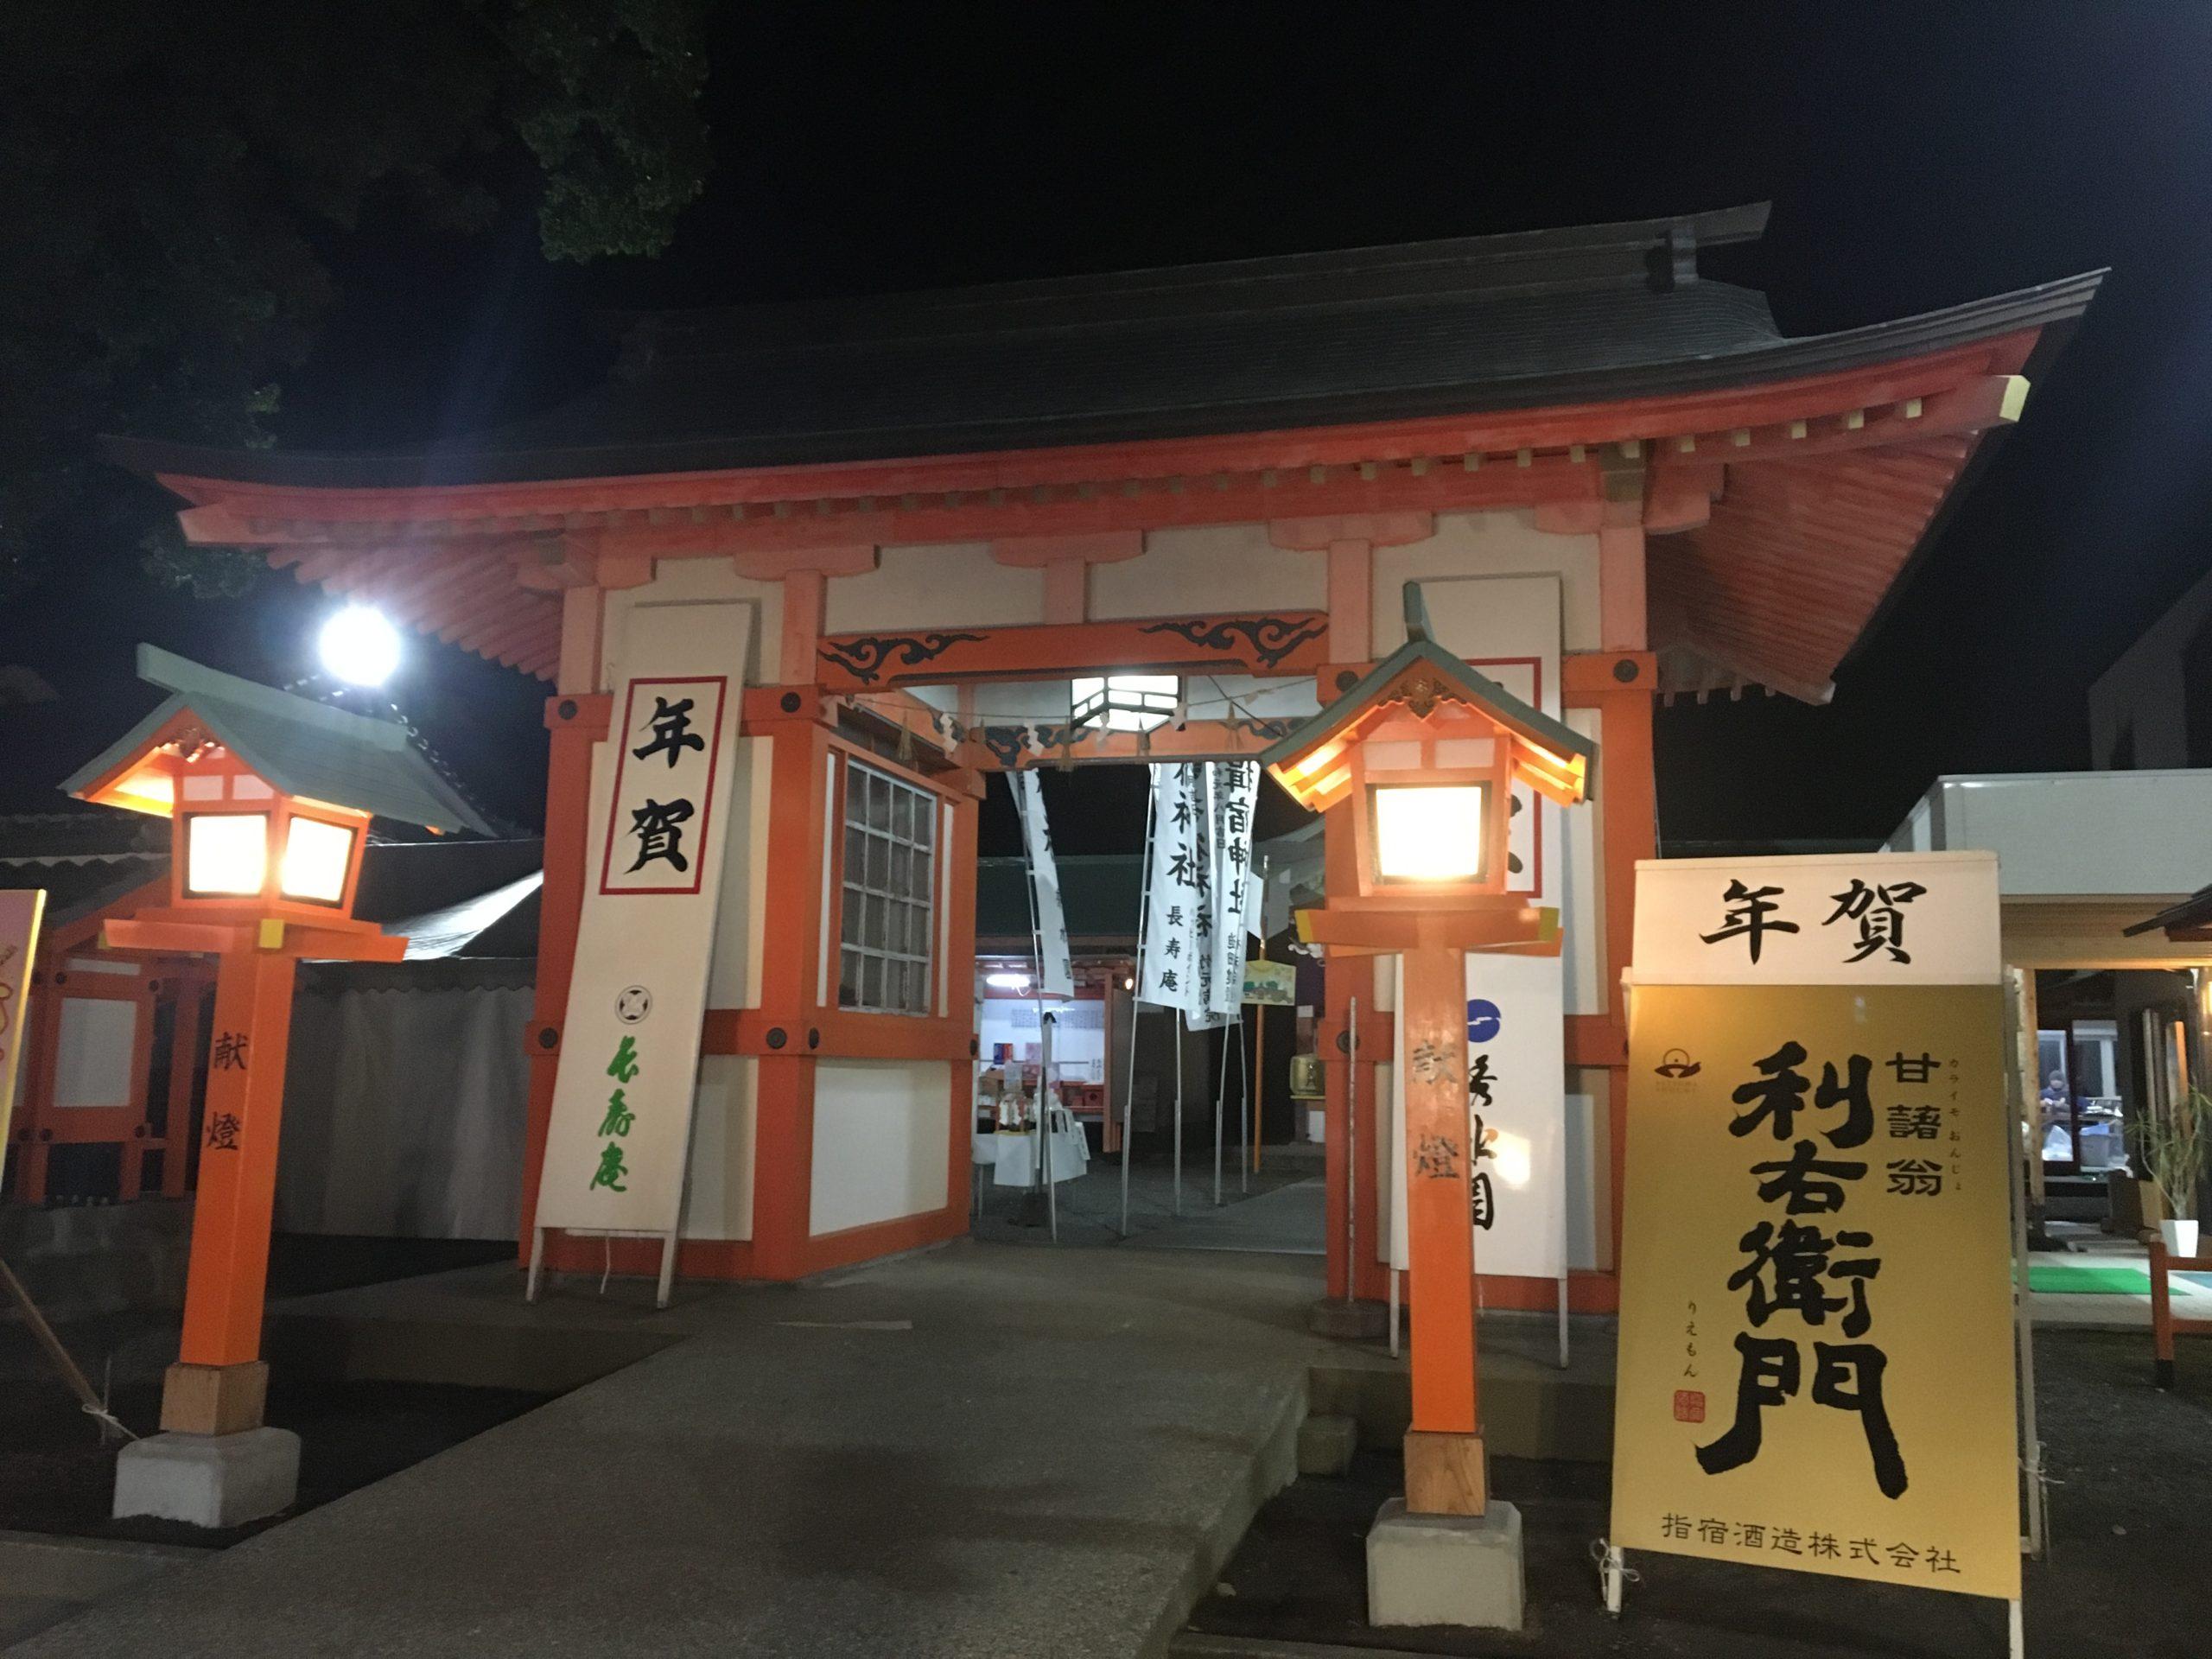 2020年初詣、揖宿神社のおみくじが充実していたぞ!